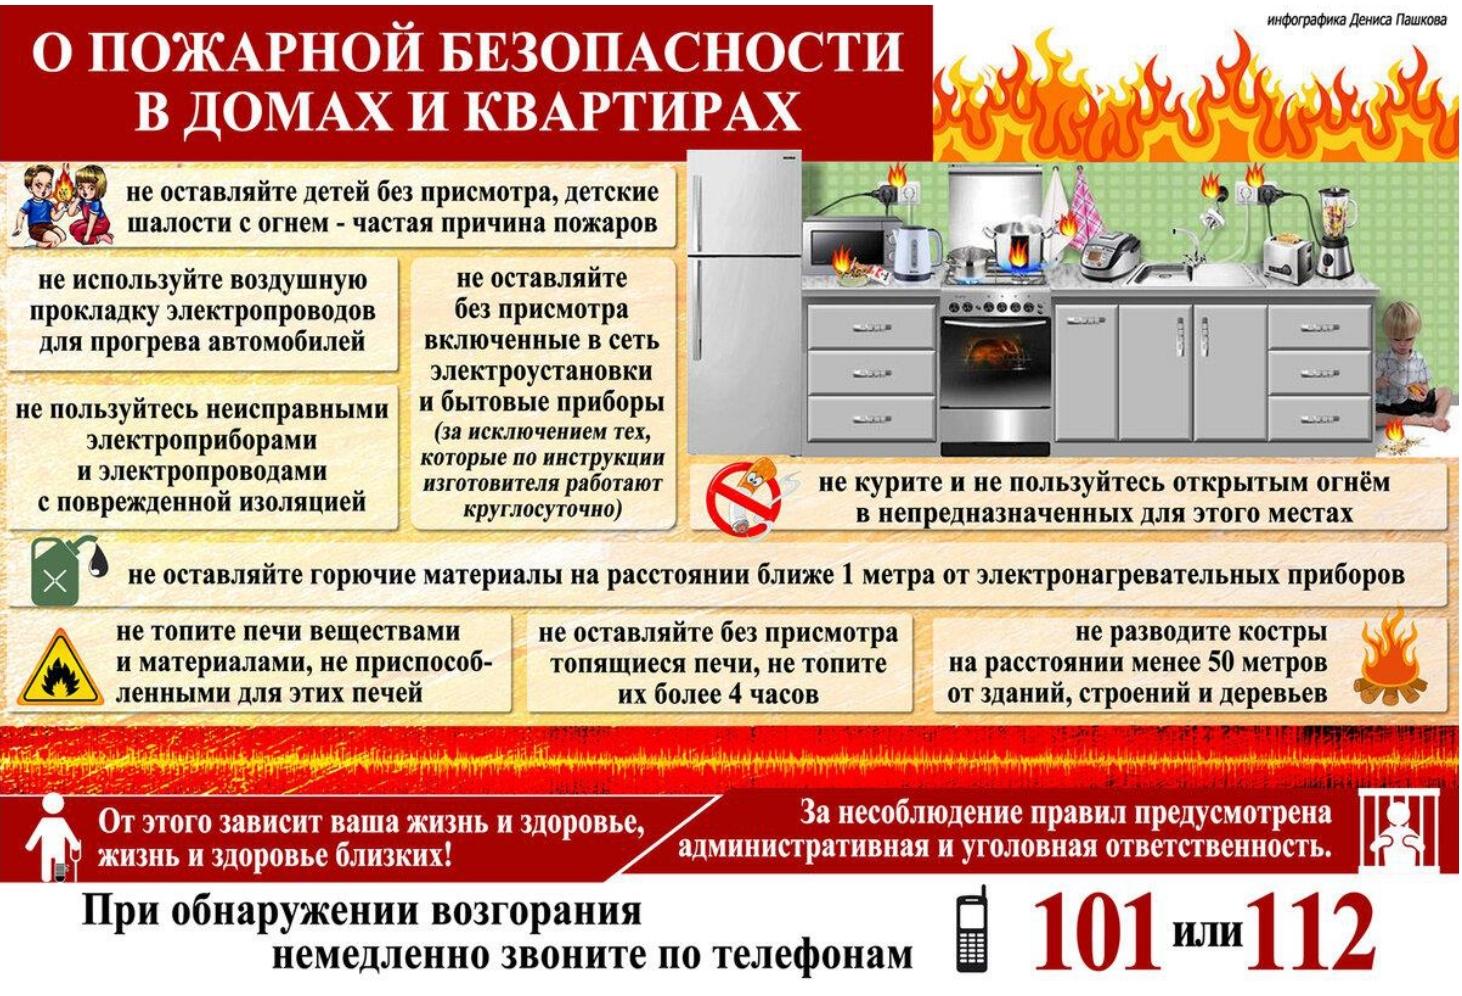 О пожарной безопасности в домах и квартирах